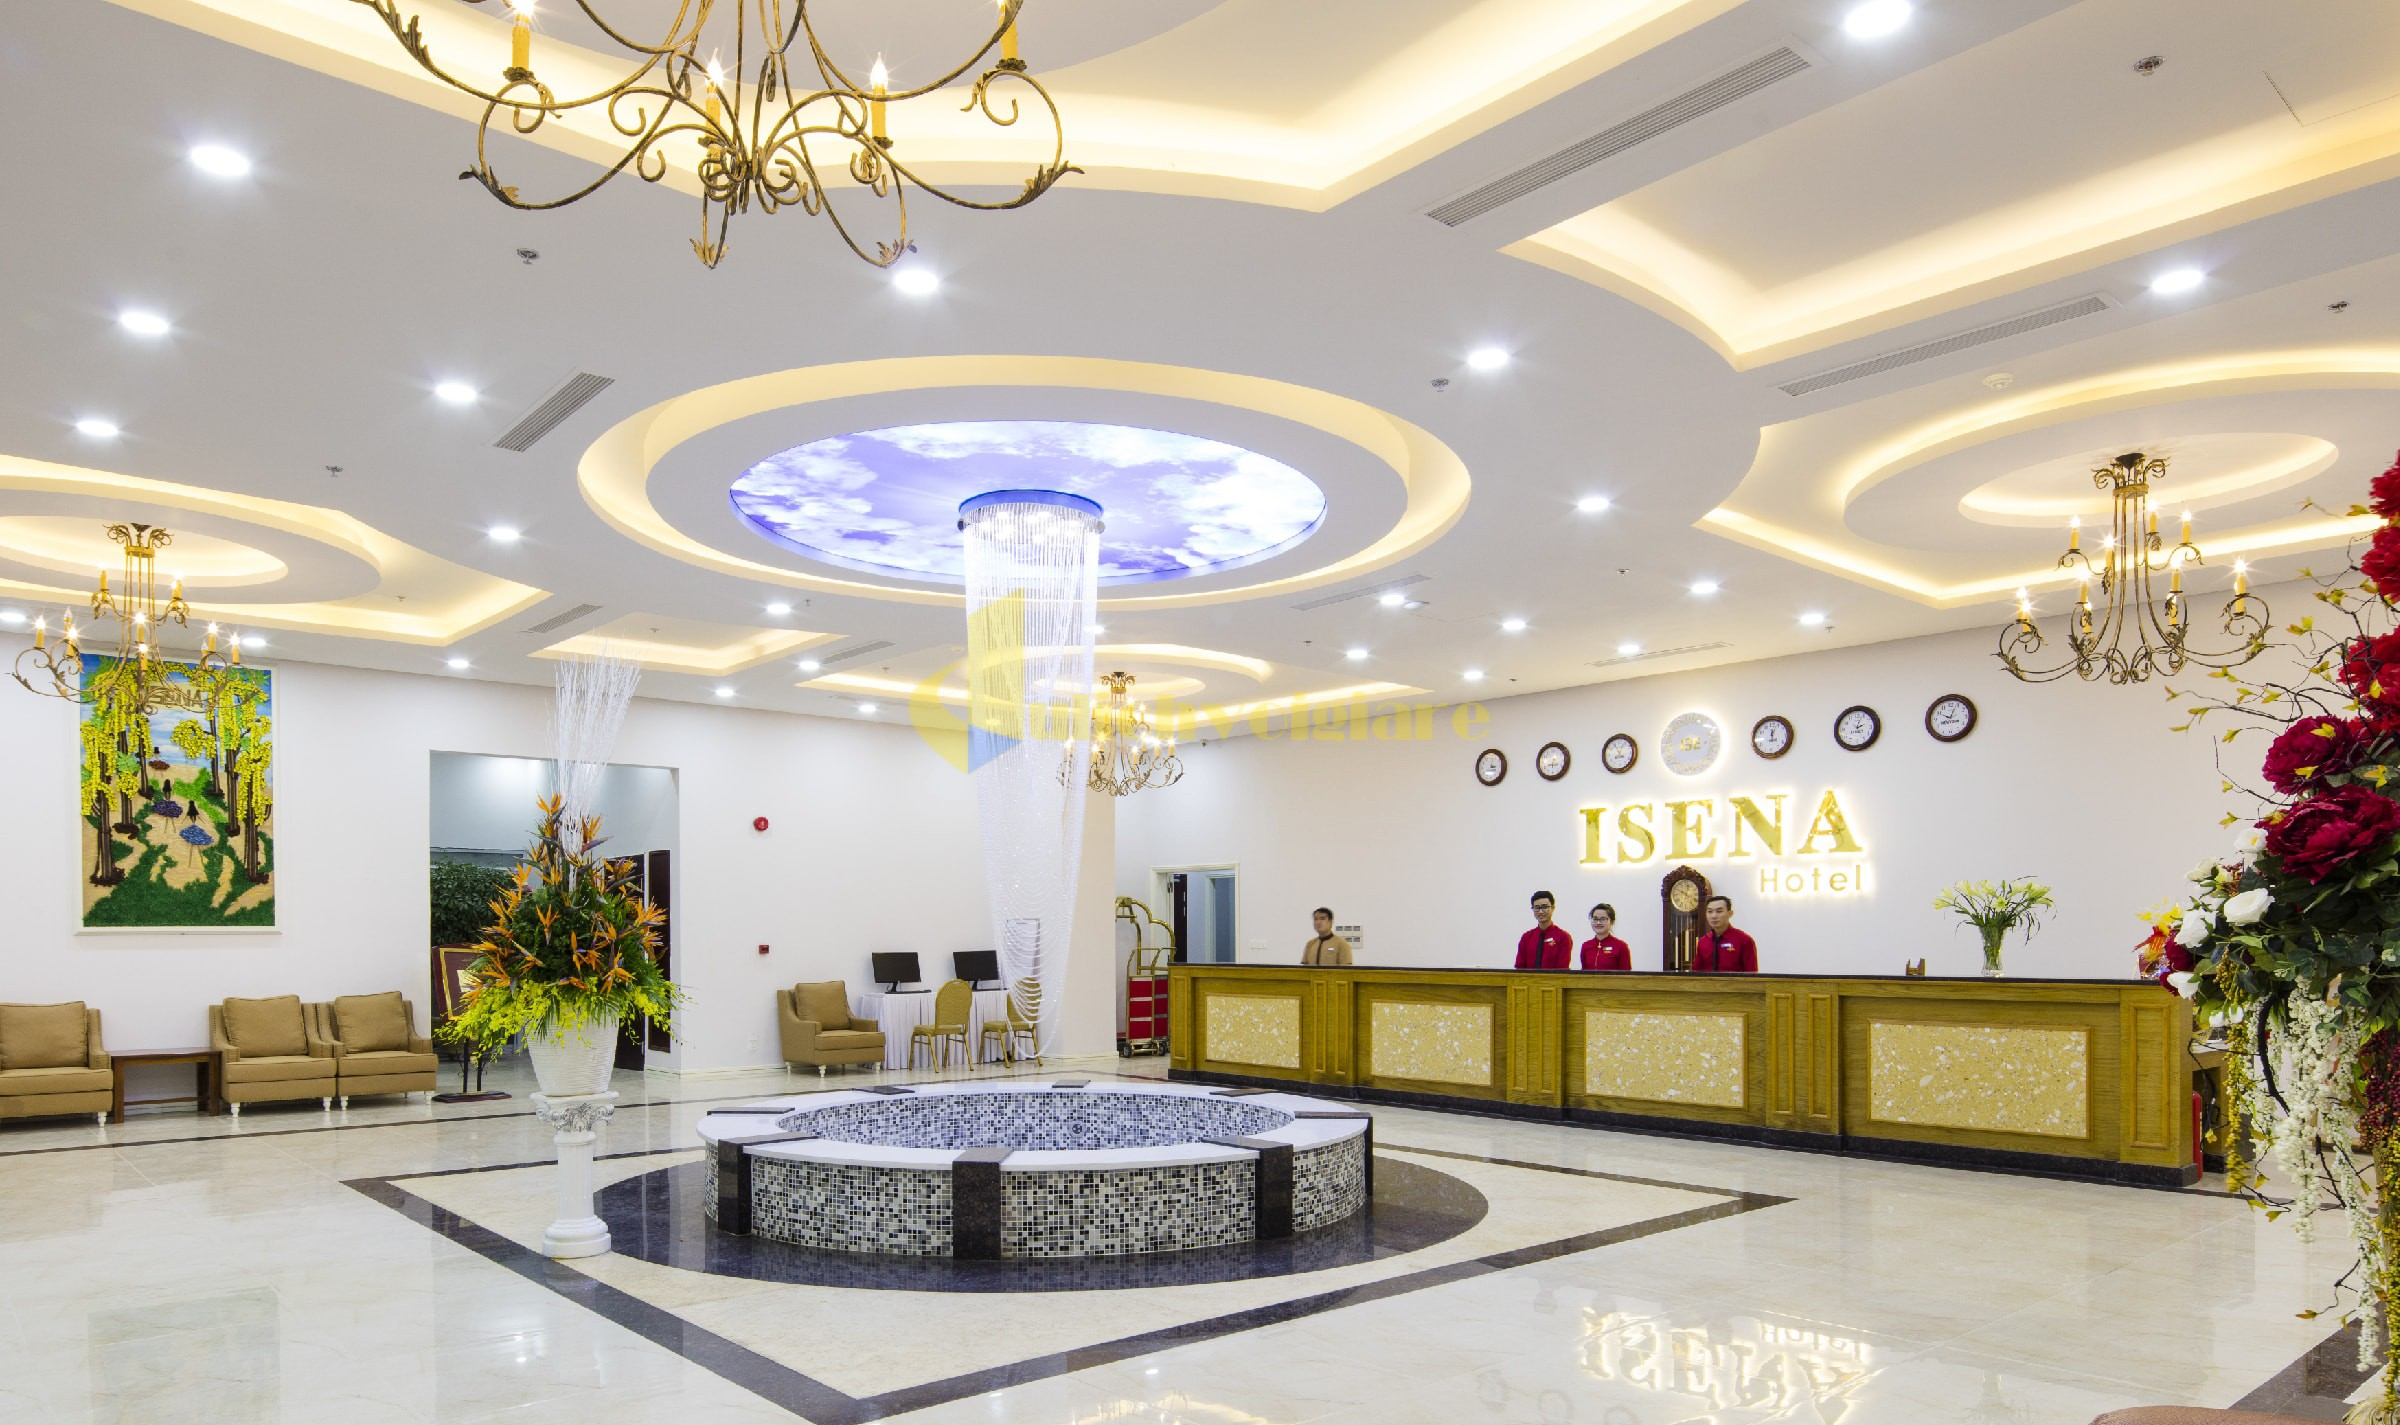 isena-1 Top 10 Khách Sạn Đẹp Ngất Ngây Tại Nha Trang